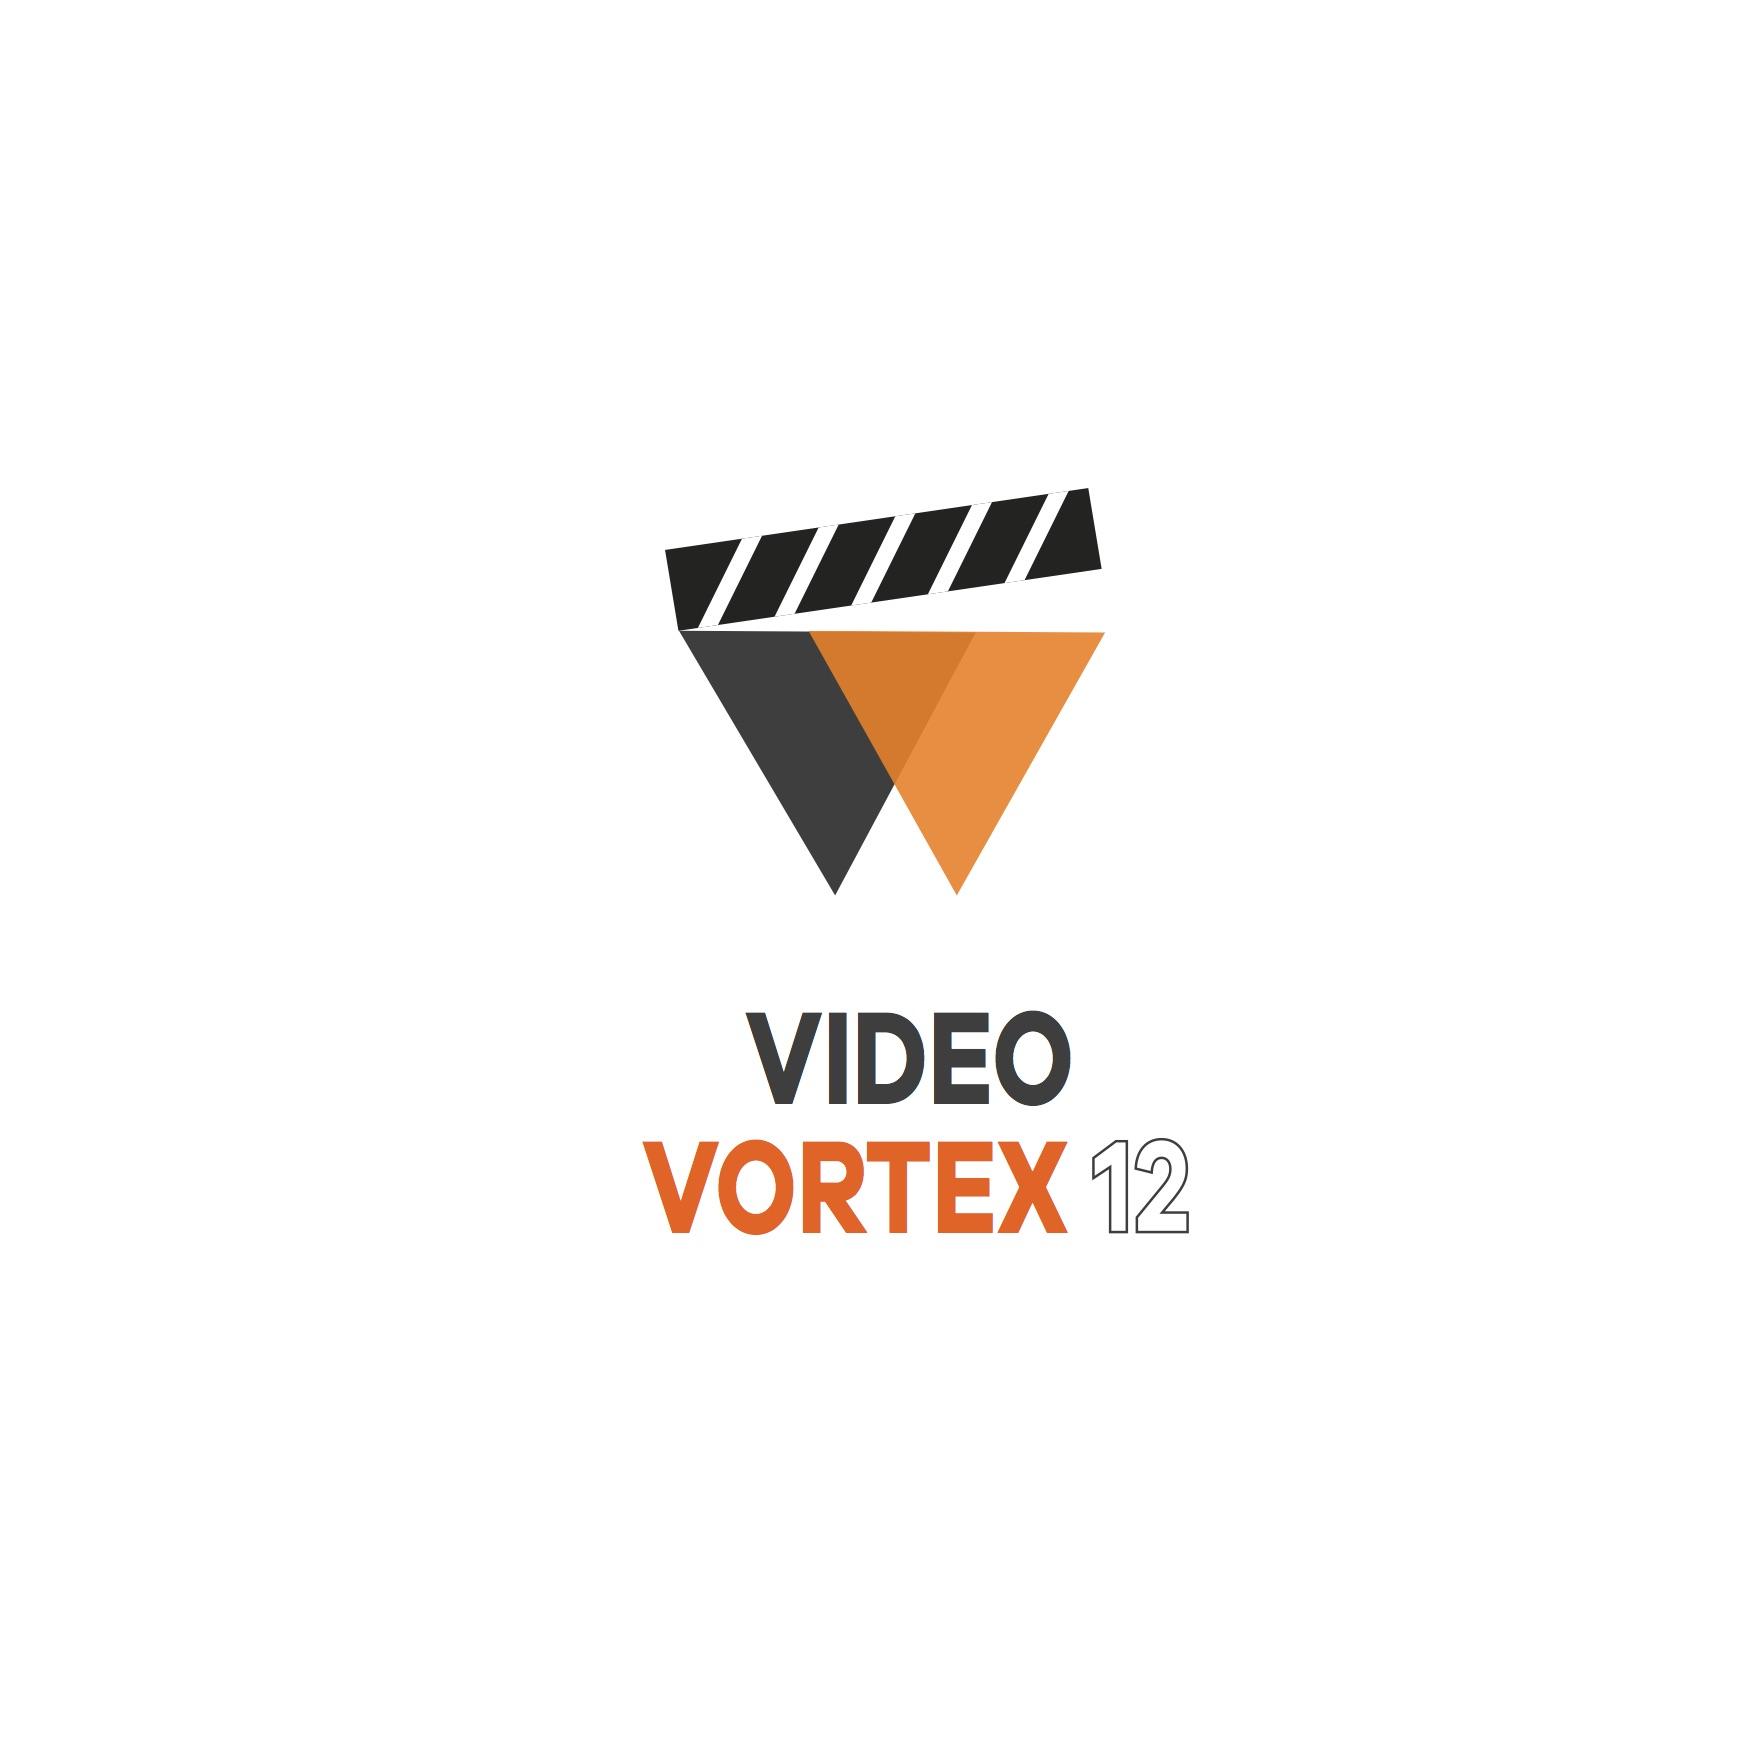 Video Vortex 12 Logo